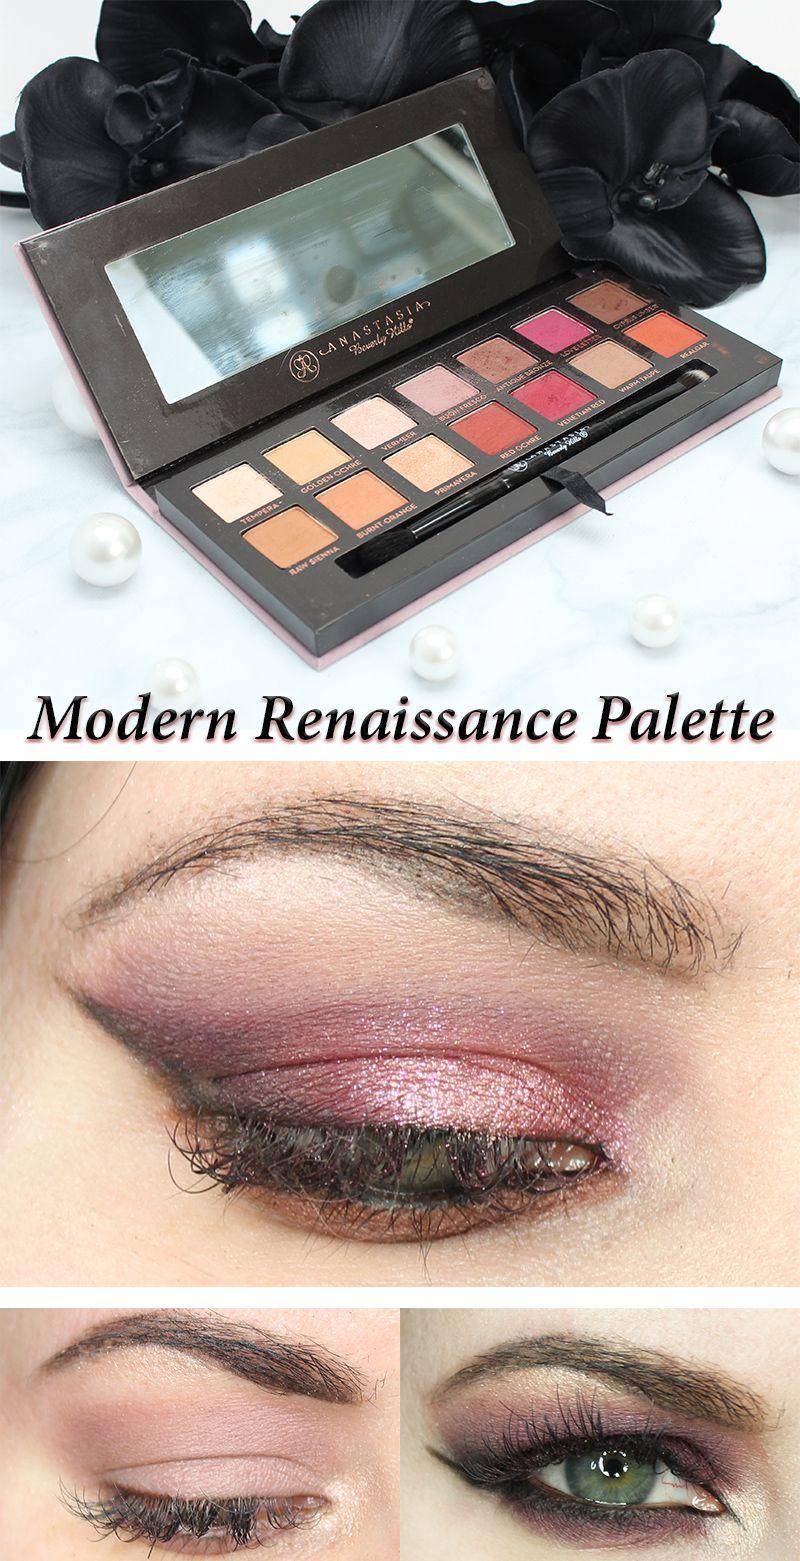 Modern Renaissance Eyeshadow Palette by Anastasia Beverly Hills #22